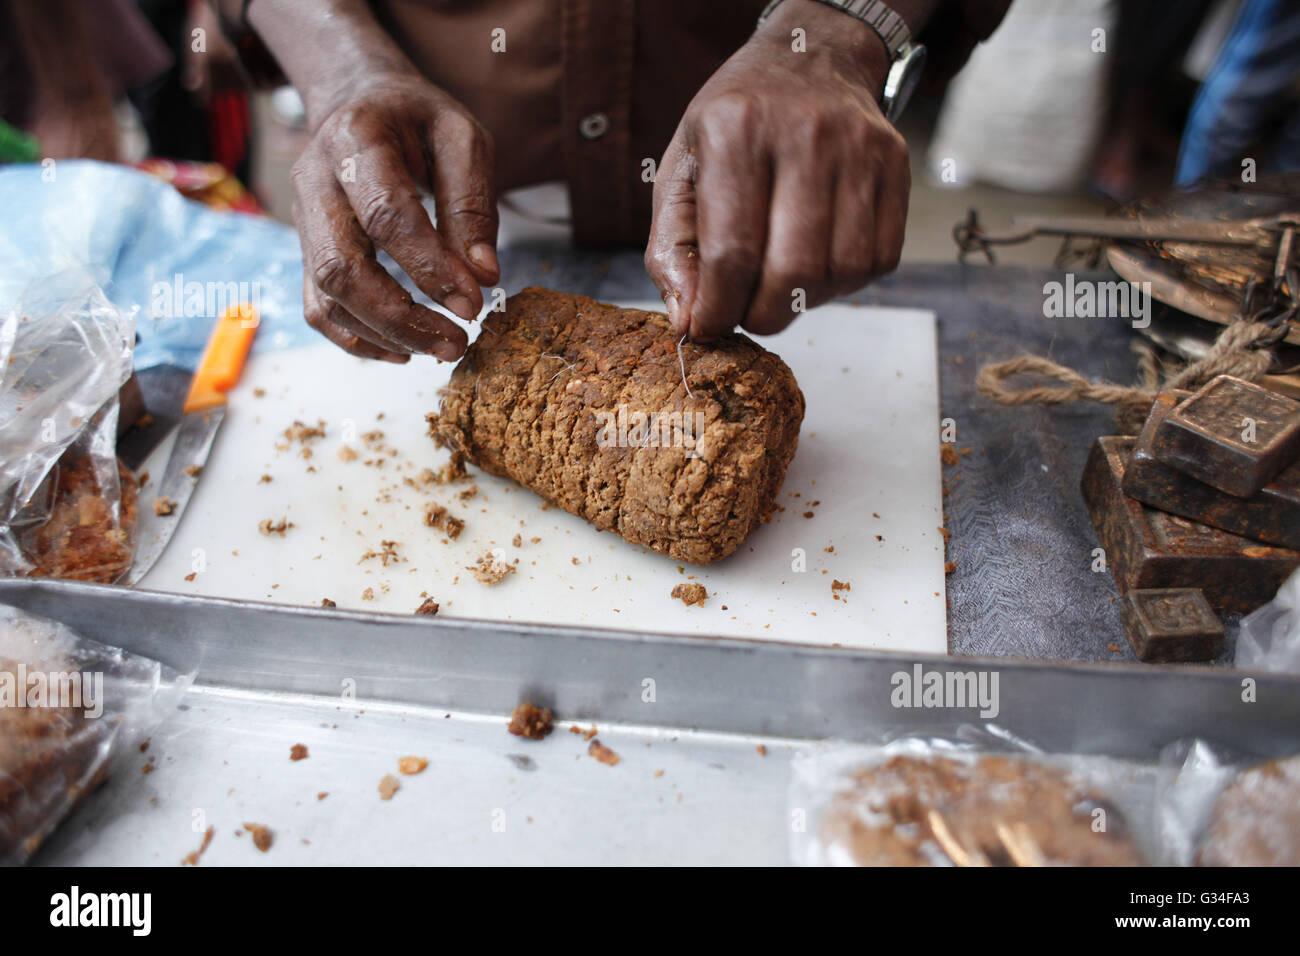 Dhaka bangladesh 7th june 2016 on the first day of muslim dhaka bangladesh 7th june 2016 on the first day of muslim fasting month of ramadan a bangladeshi vendor sells iftar at chawk bazar dhaka bangladesh forumfinder Images